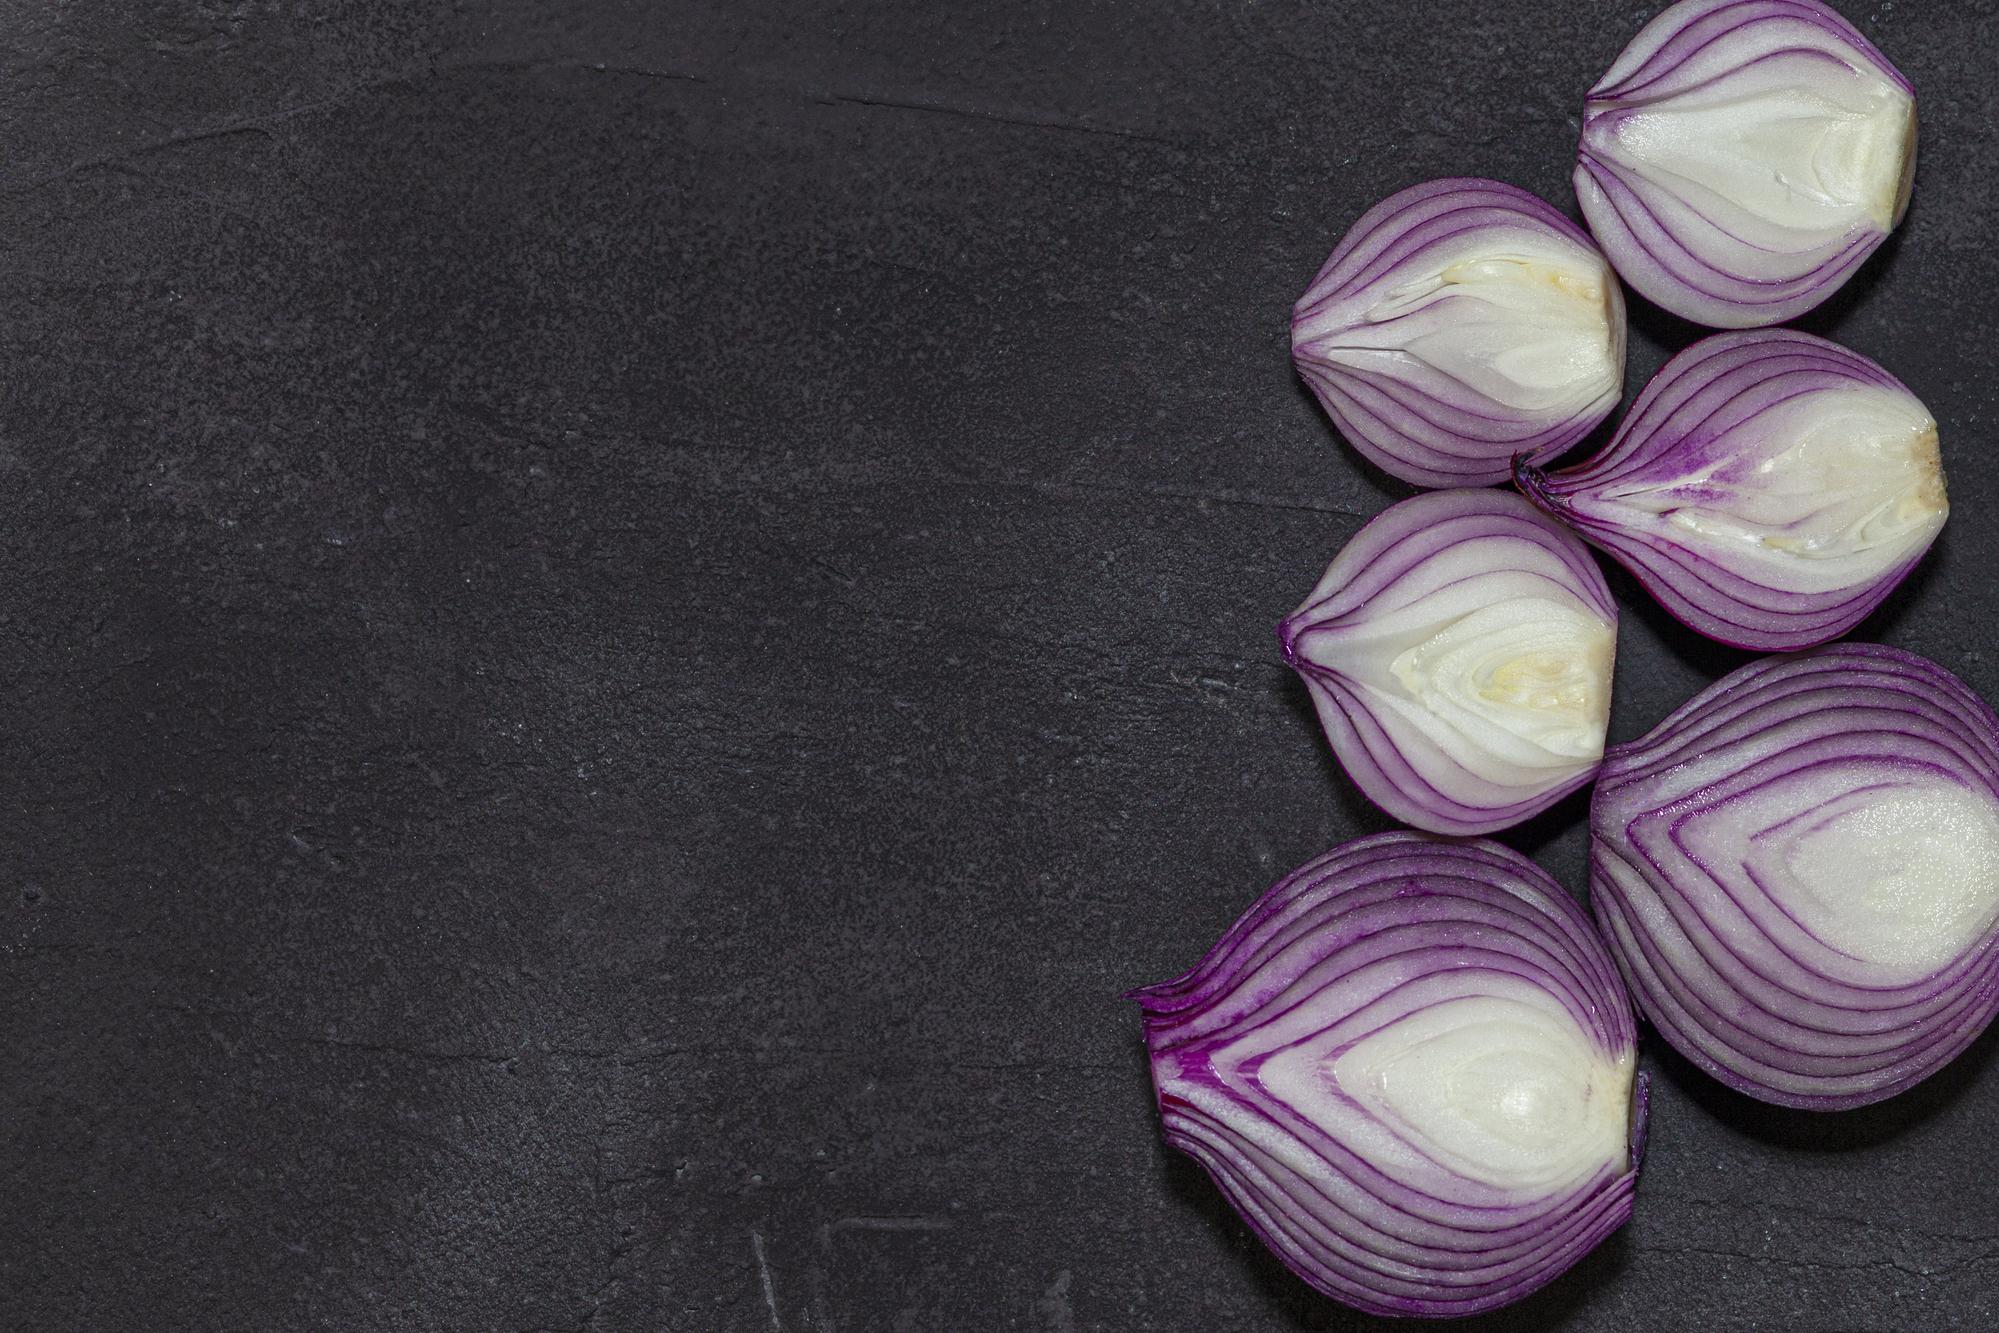 Red onion halves on a dark background